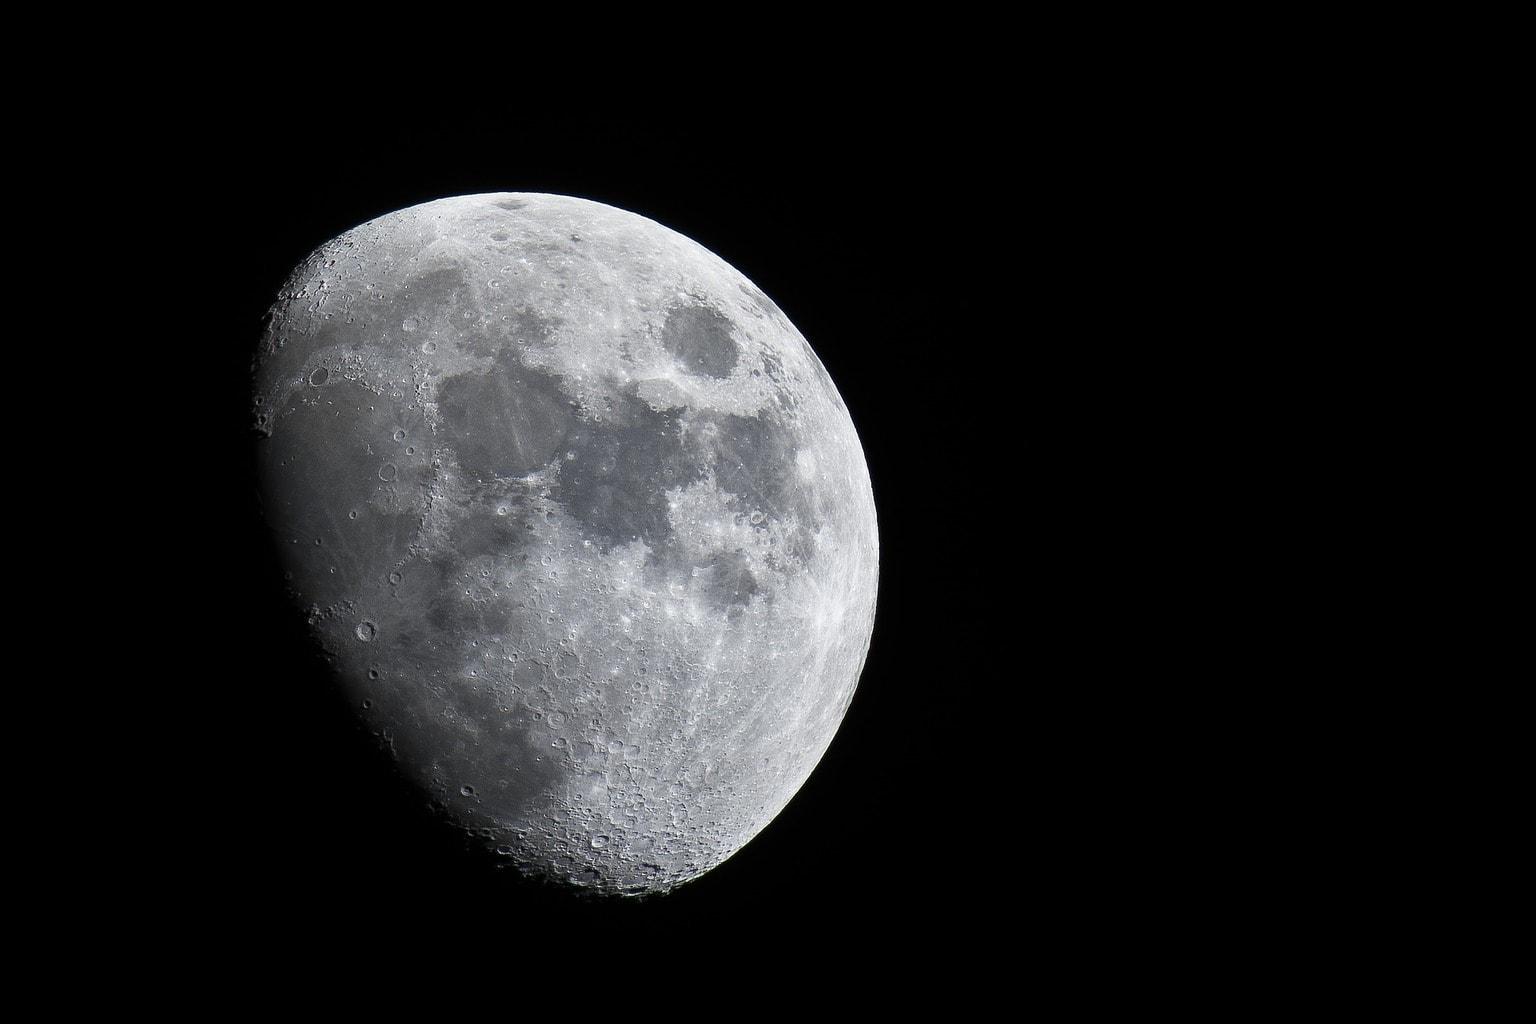 fotografía de la luna tomada con un teleobjetivo